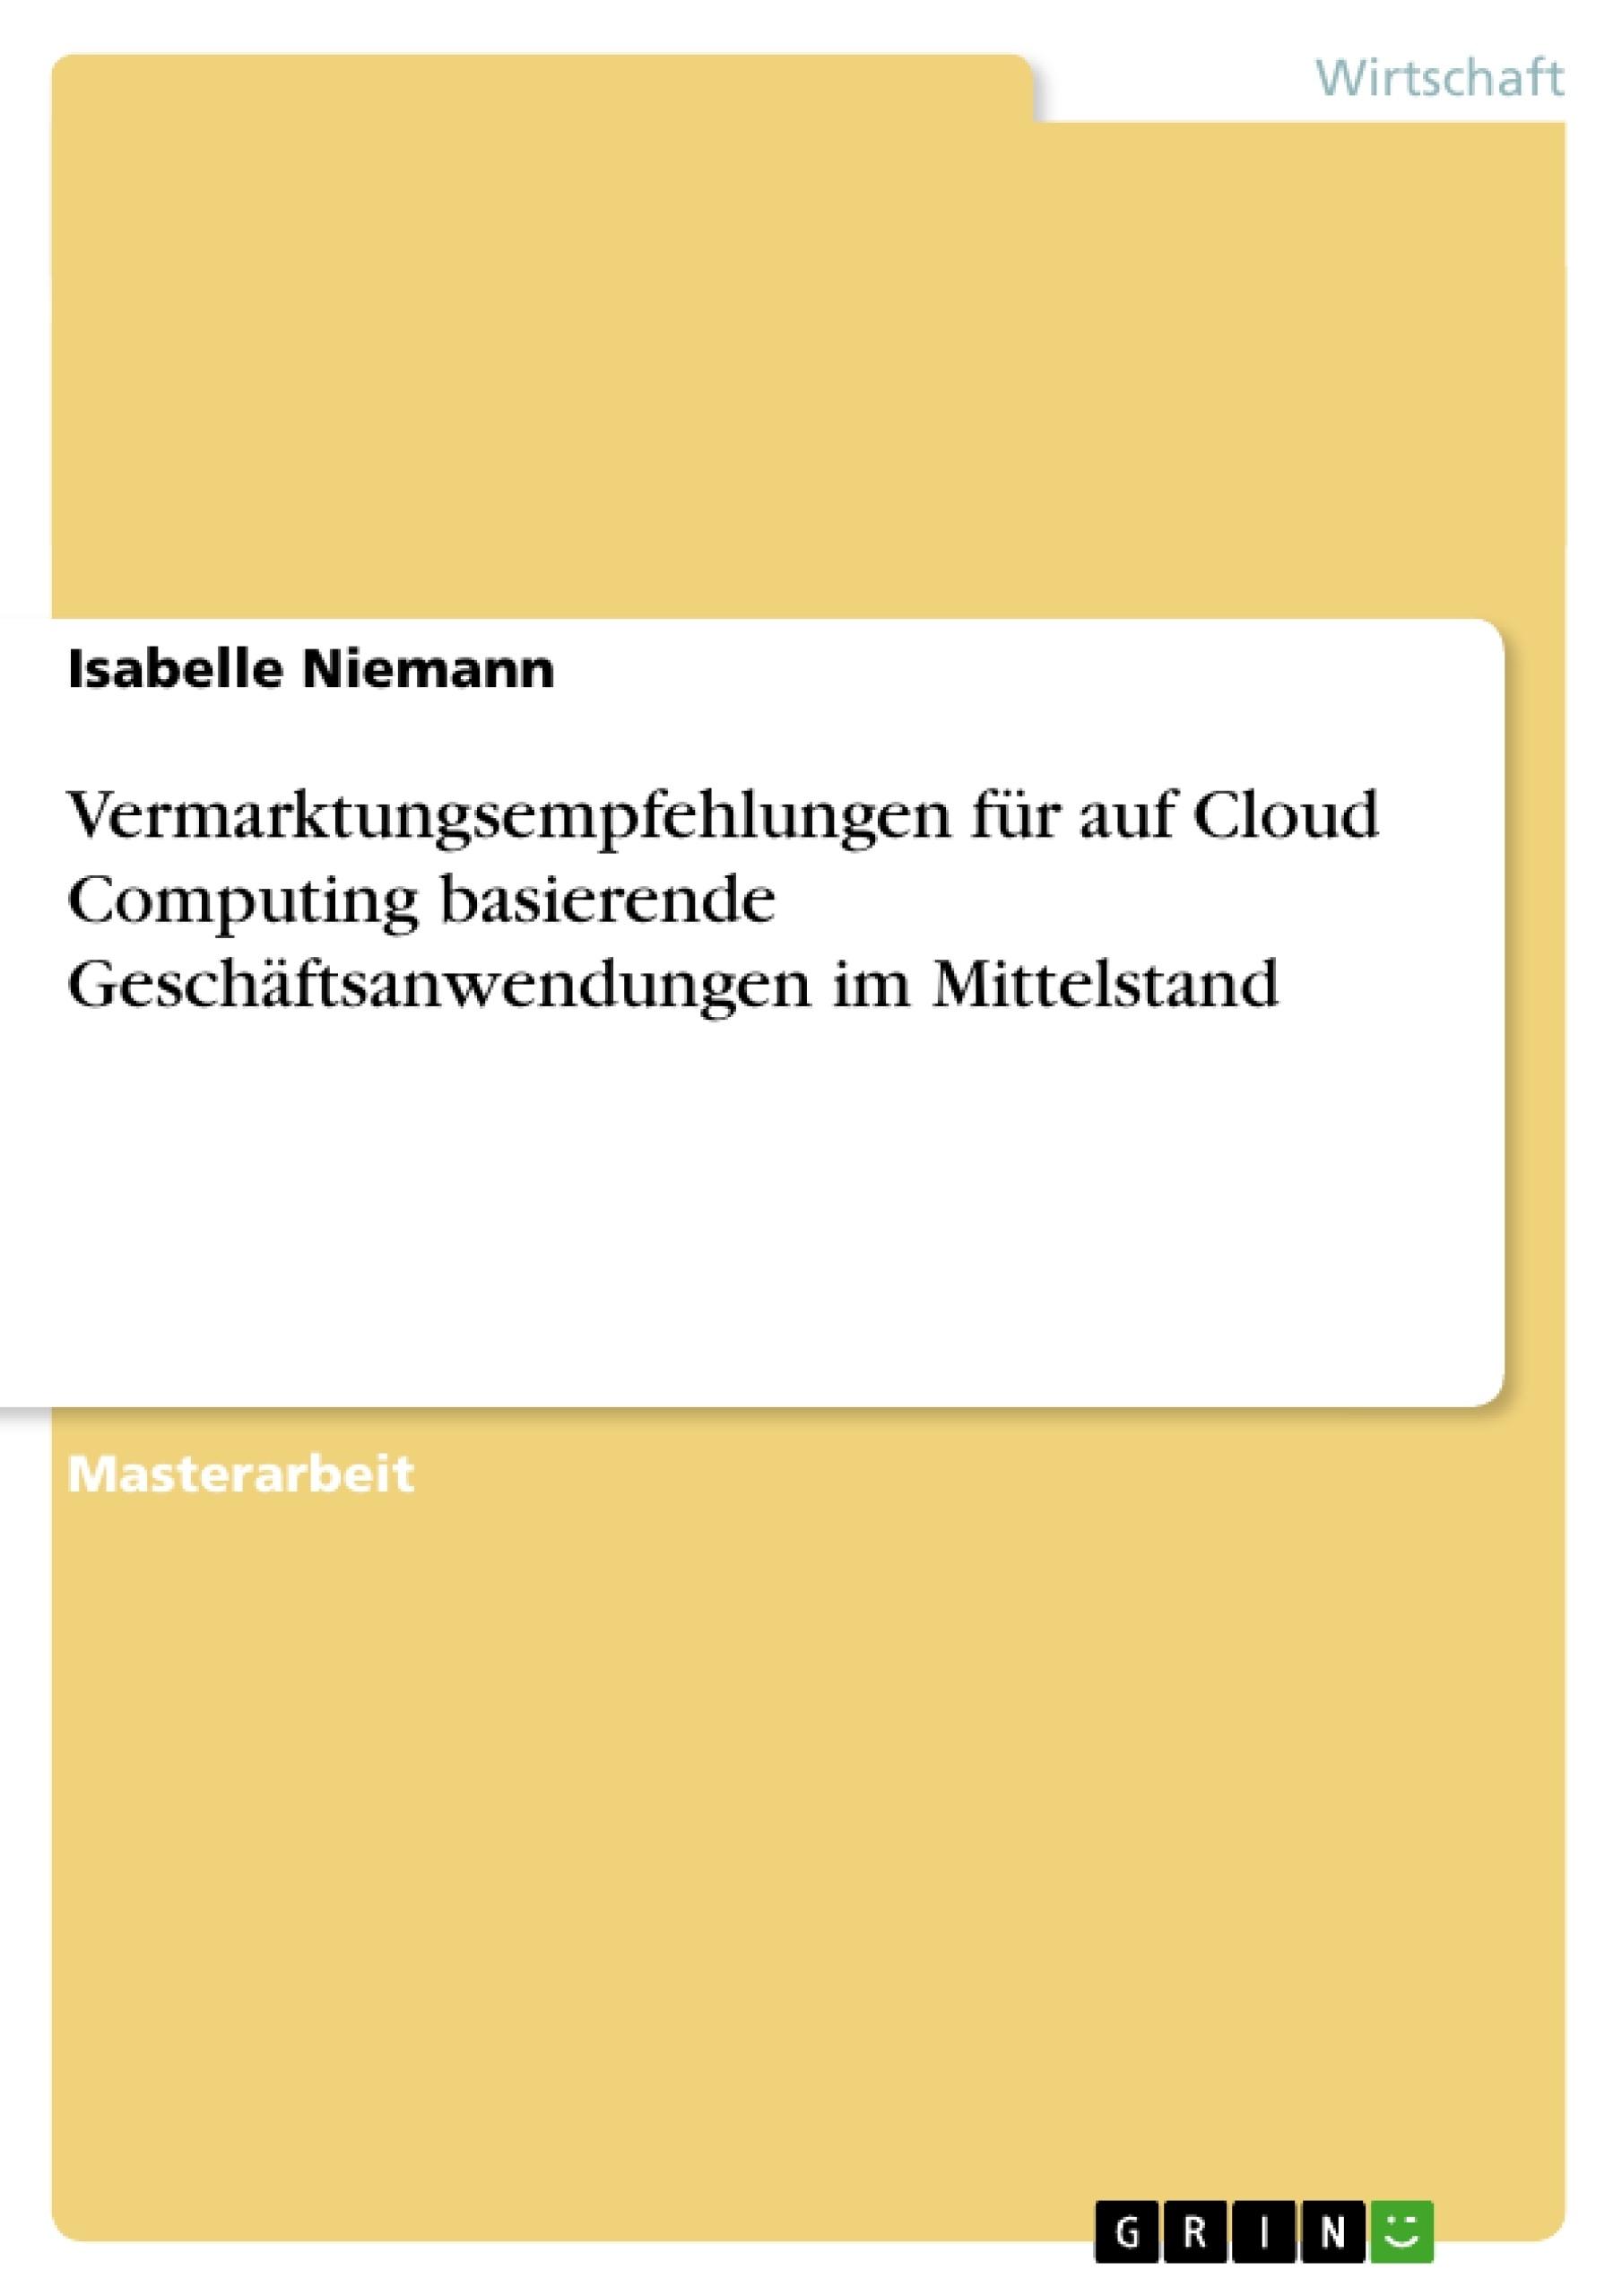 Titel: Vermarktungsempfehlungen für auf Cloud Computing basierende Geschäftsanwendungen im Mittelstand